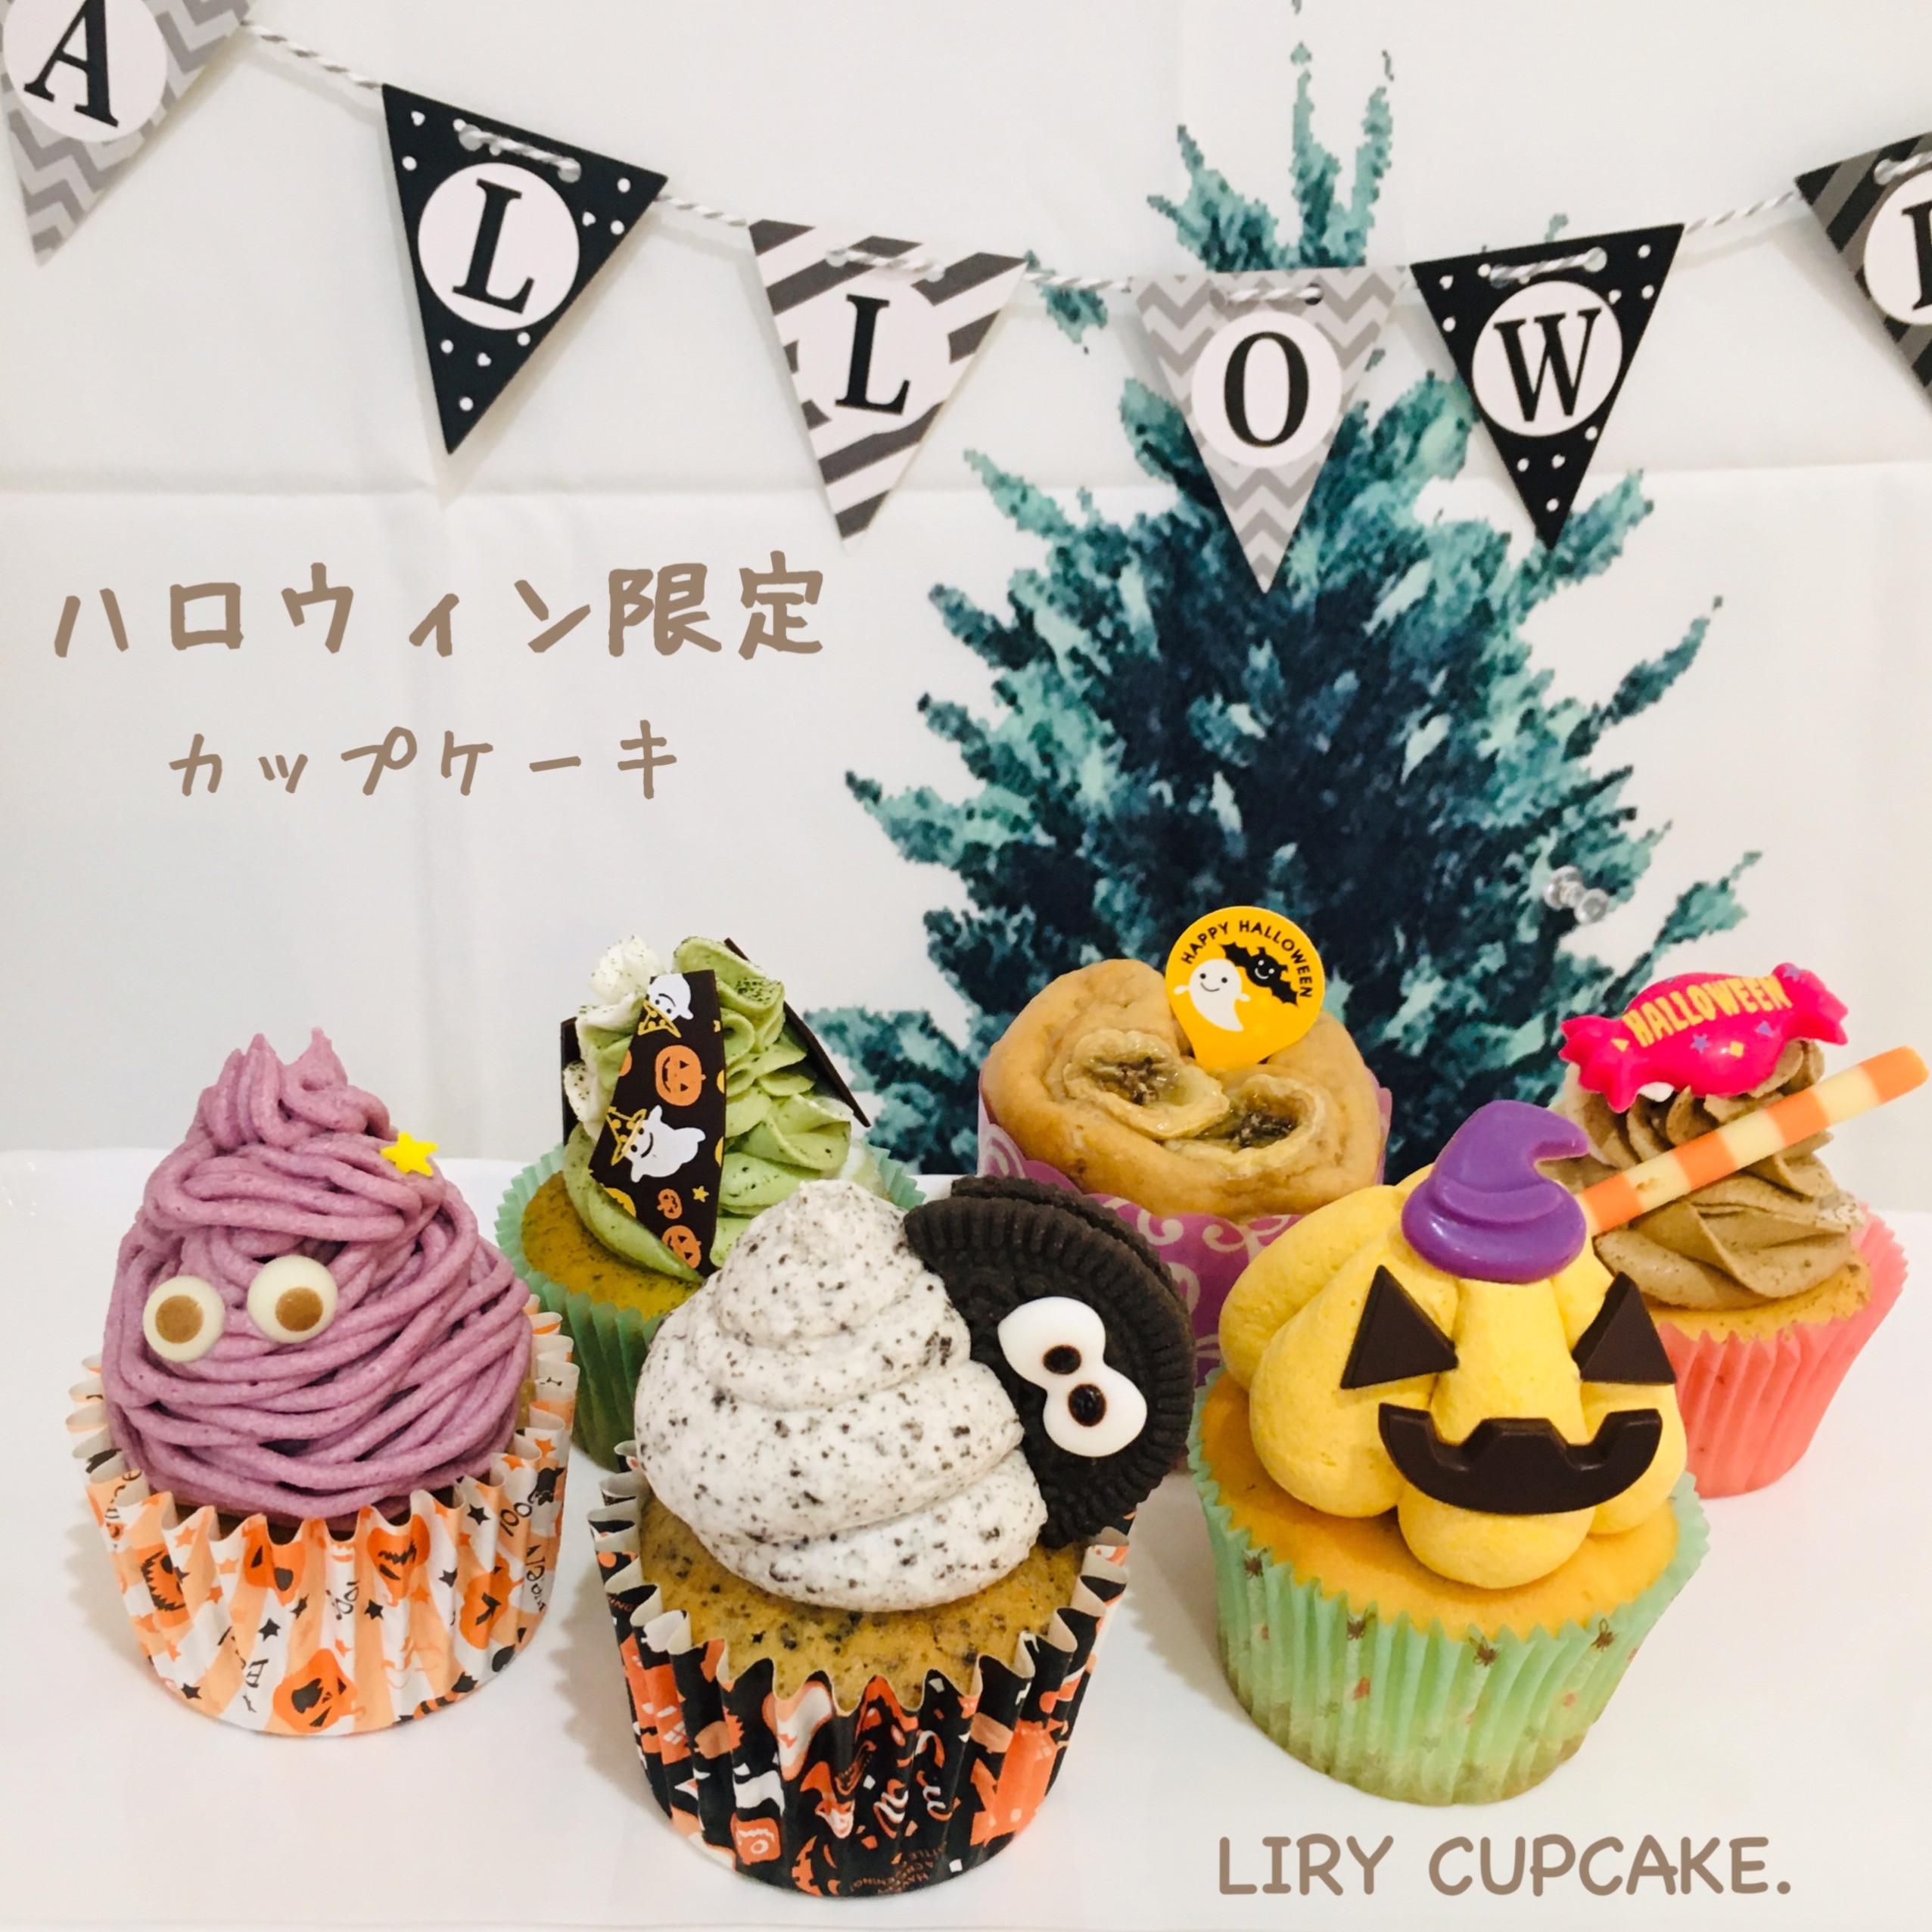 今年は6種☆ 季節のカップケーキや人気の定番カップケーキが Halloweenになって登場‼︎